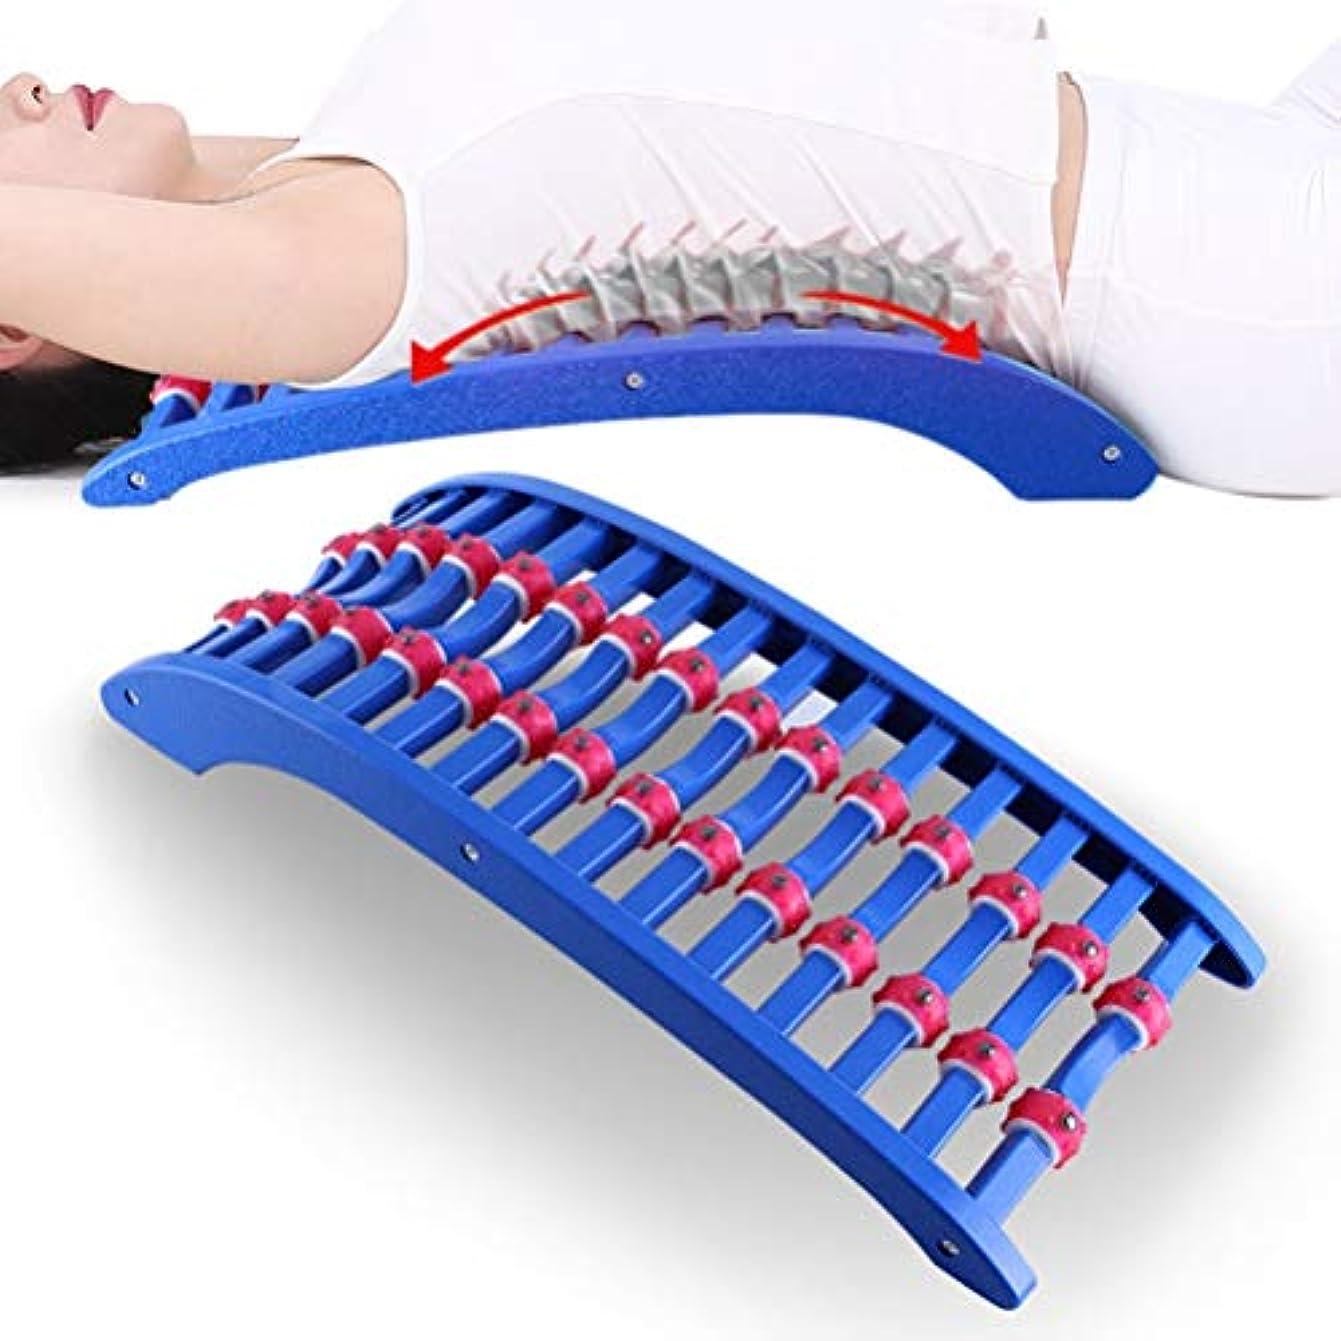 どれさまよう珍味腰椎矯正 バックマッサージストレッチメイト整形外科バックストレッチャー 弧状腰椎引っ張りマッサージ器 寝るだけ簡単 ストレッチ